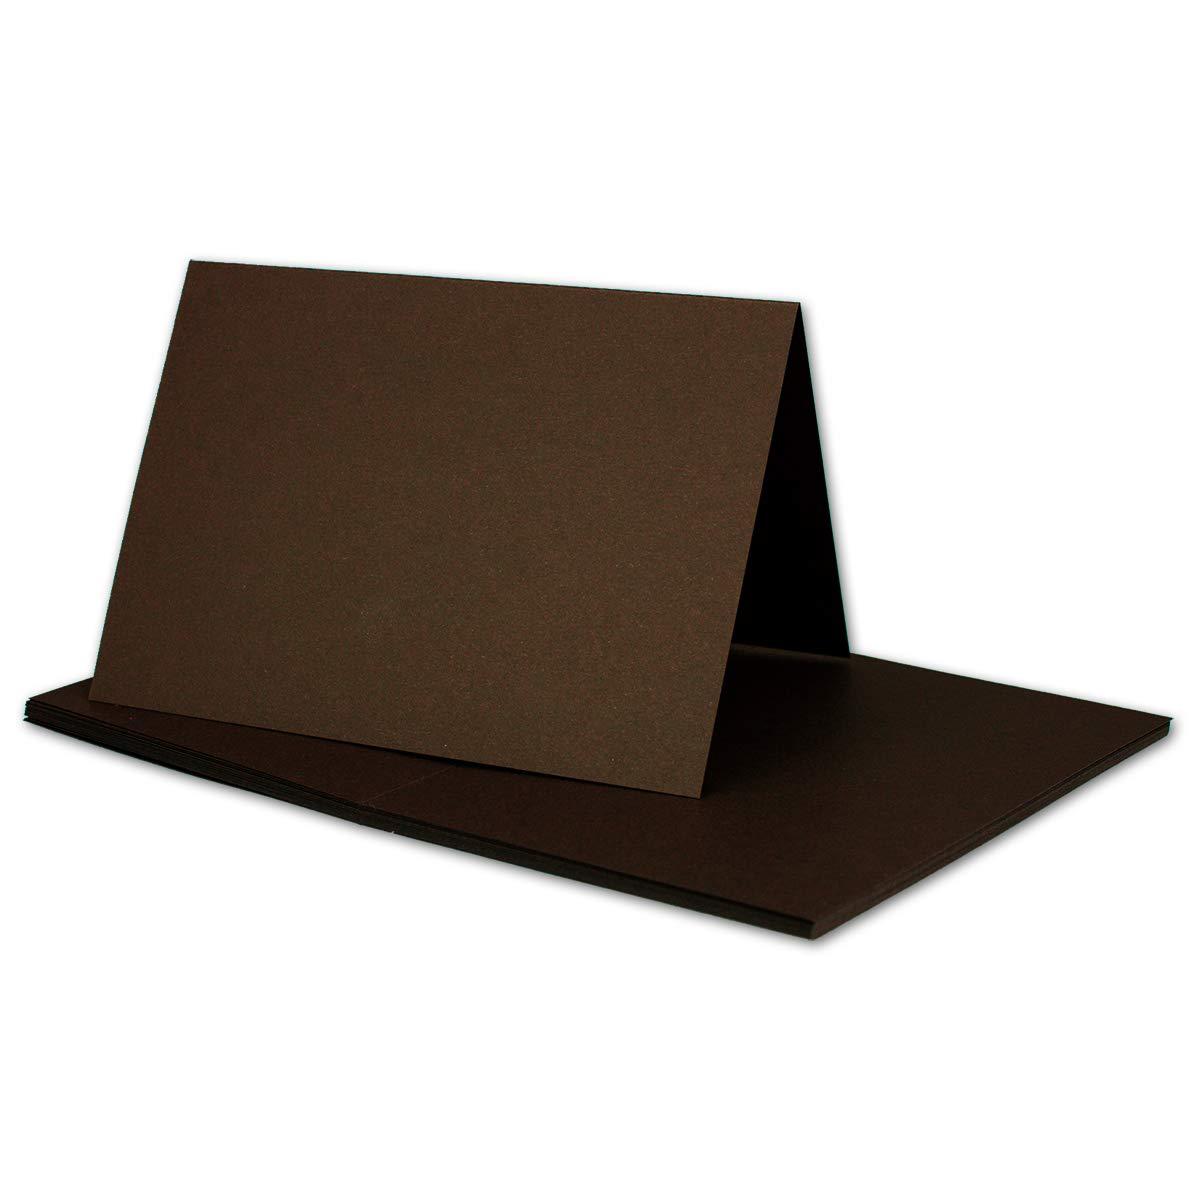 250x Falt-Karten DIN A6 Blanko Doppel-Karten in Hochweiß Kristallweiß -10,5 x 14,8 cm   Premium Qualität   FarbenFroh® B079X466YC | Am wirtschaftlichsten